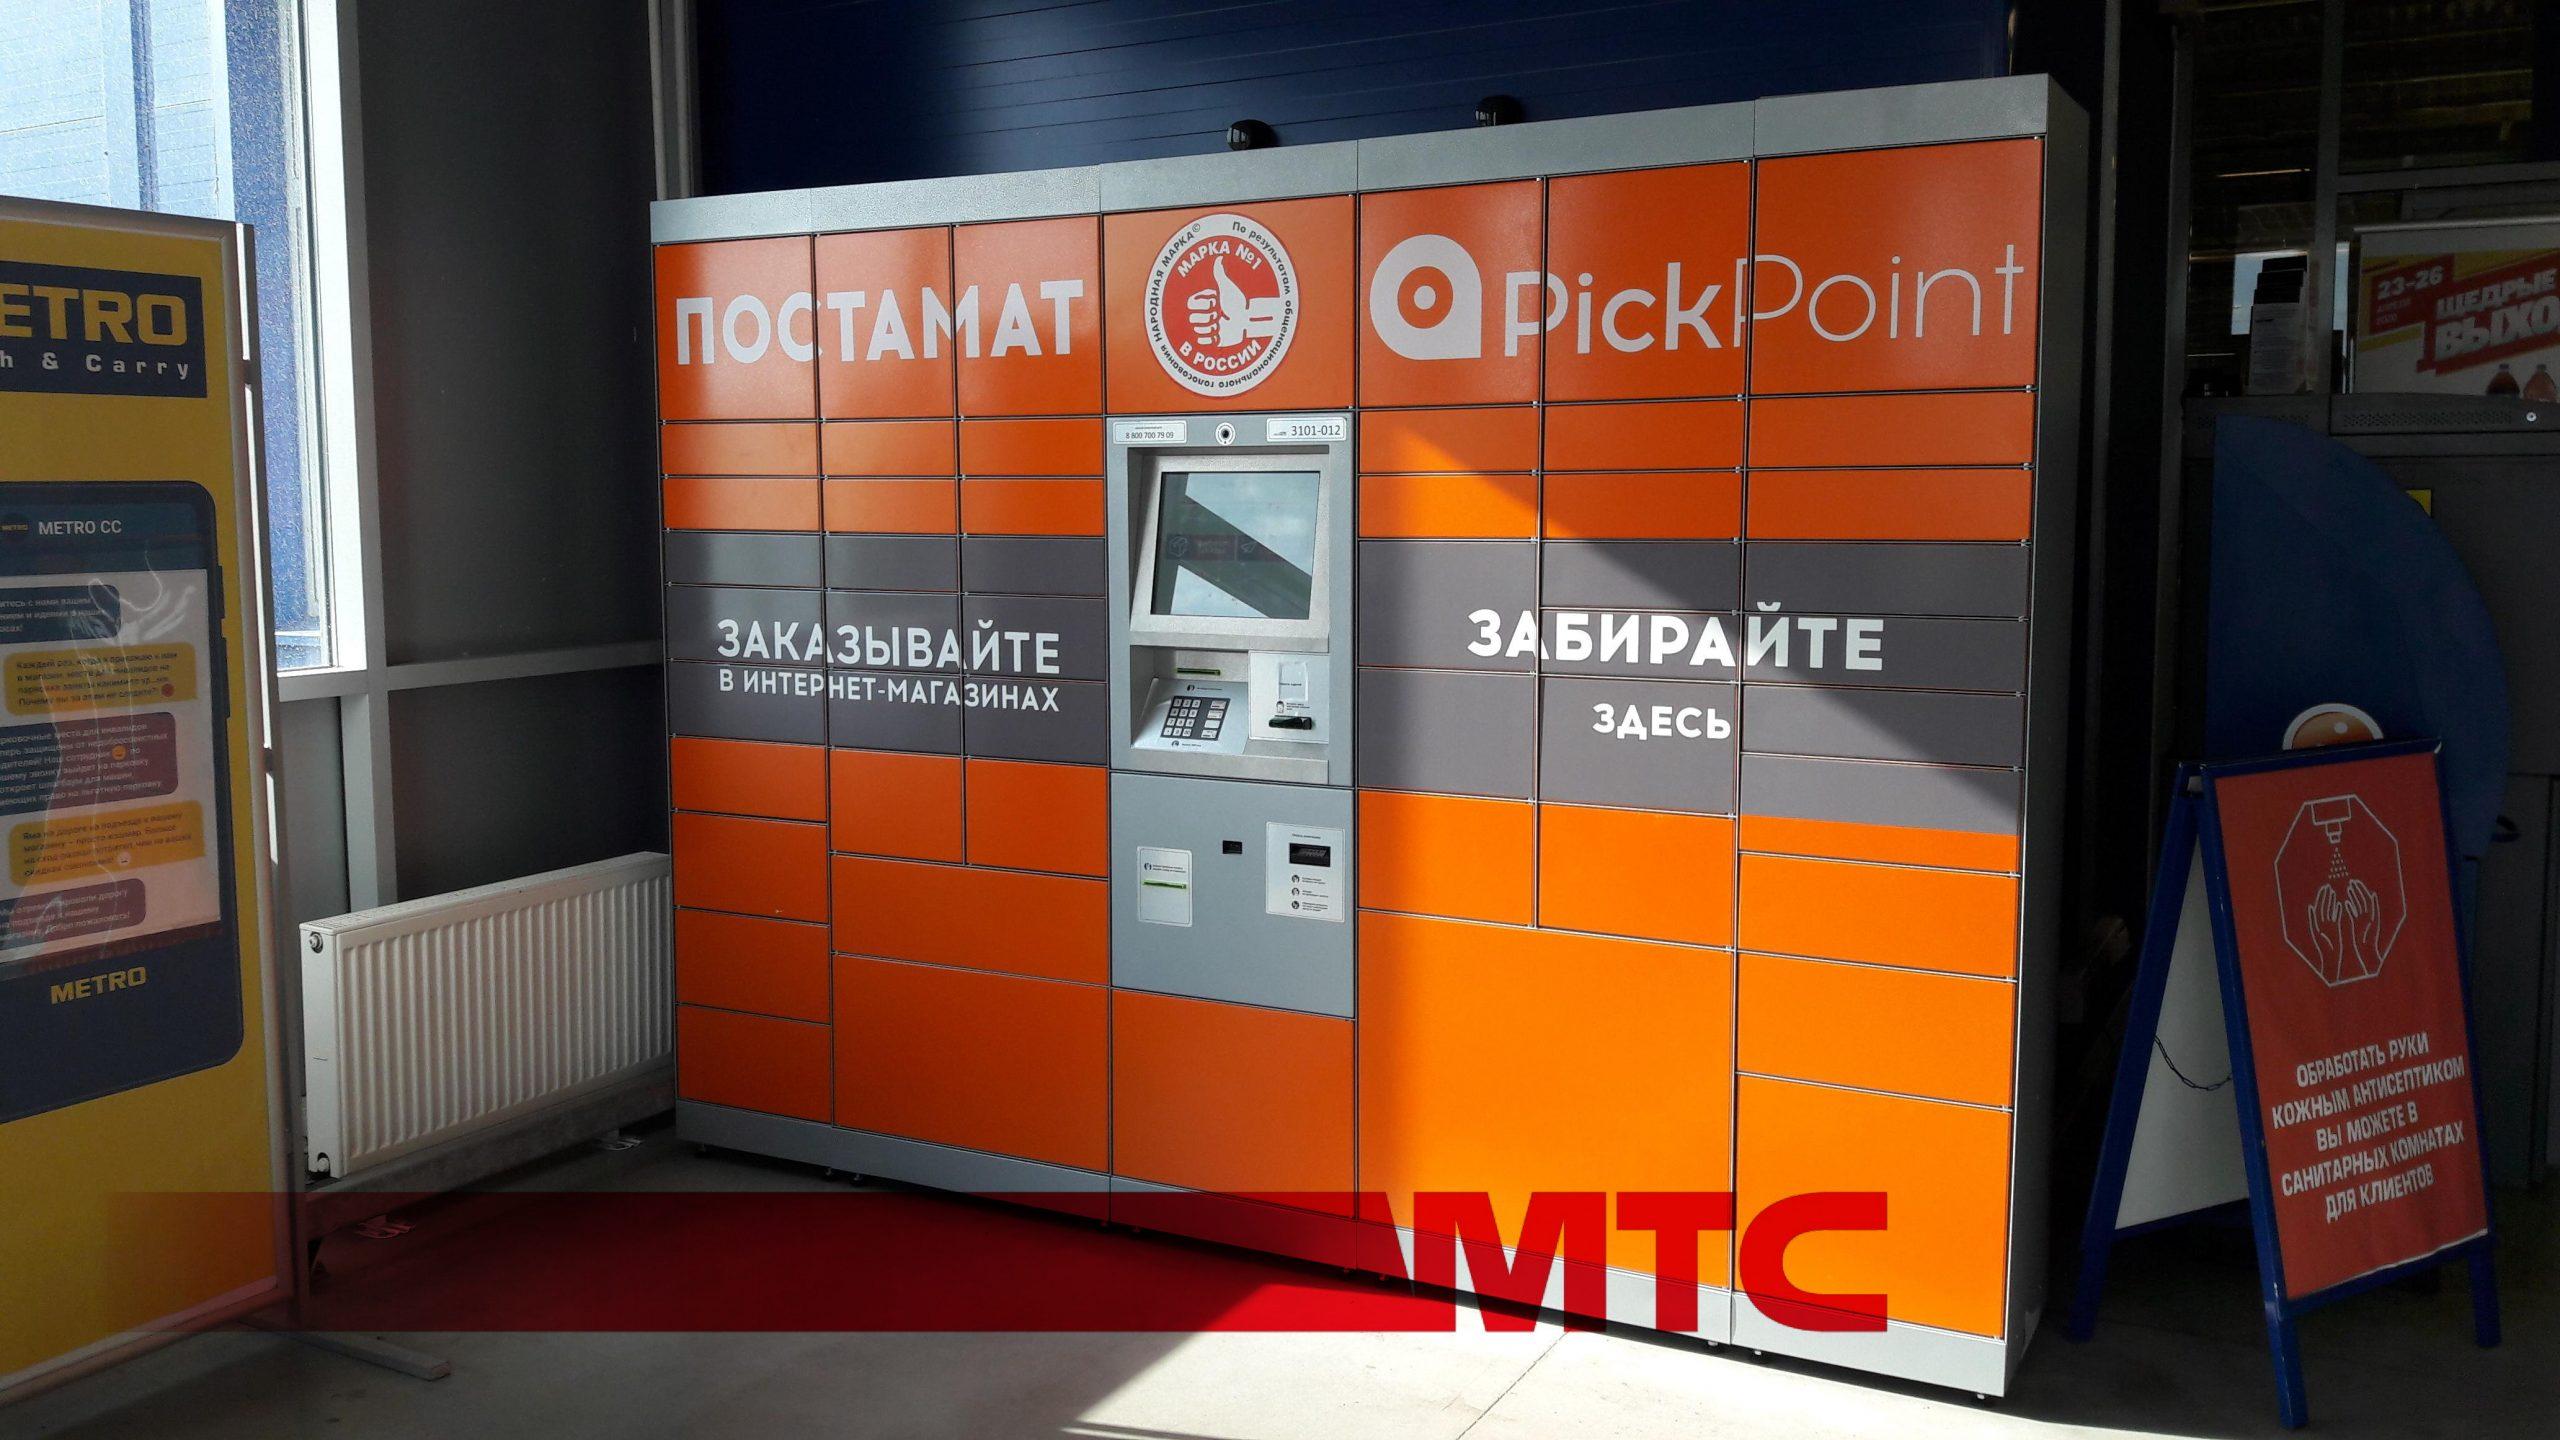 МТС начала выдавать интернет-заказы PickPoint в своих магазинах 1